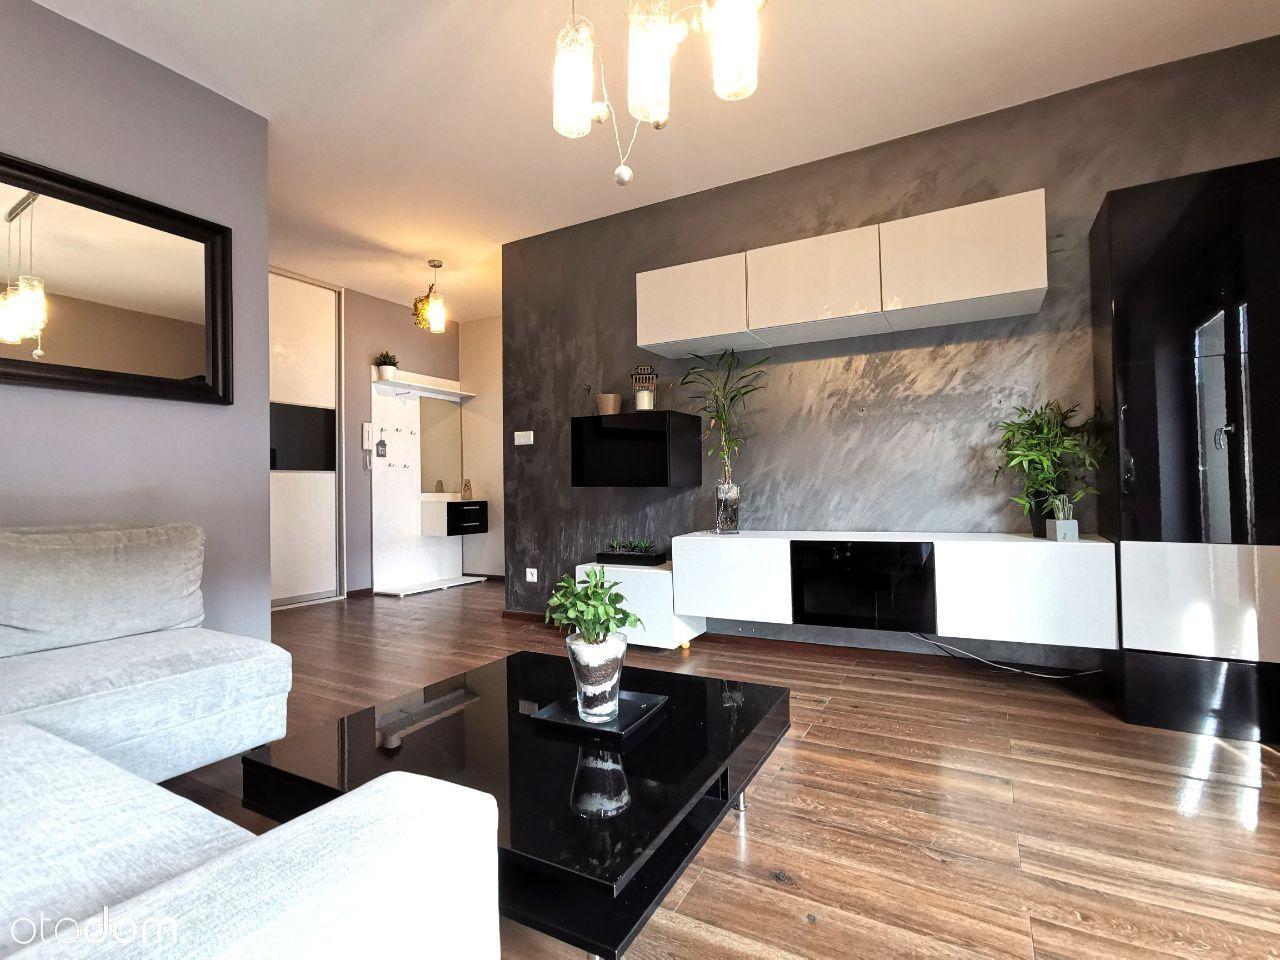 2 Pokoje Mieszkanie Na Sprzedaż Kraków Czyżyny 58773816 Www